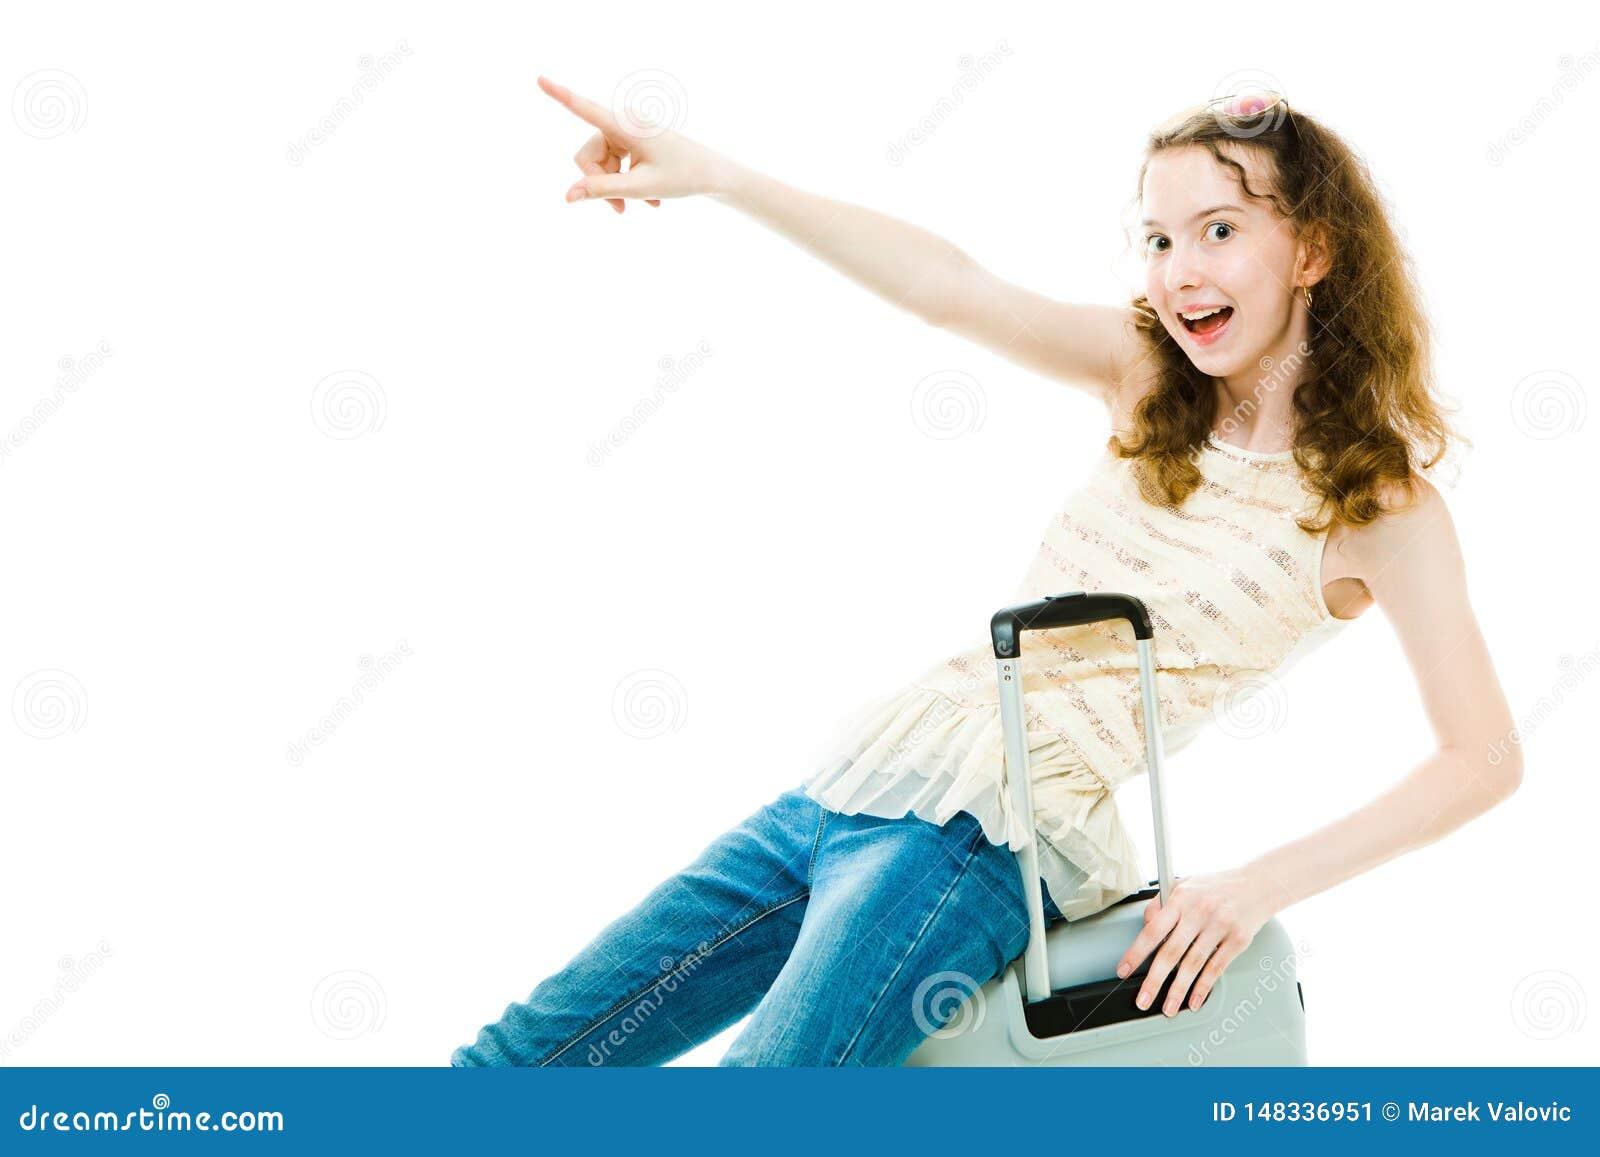 Bosy chuderlawy dziewczyny obsiadanie na baga?u - wskazuj?cy